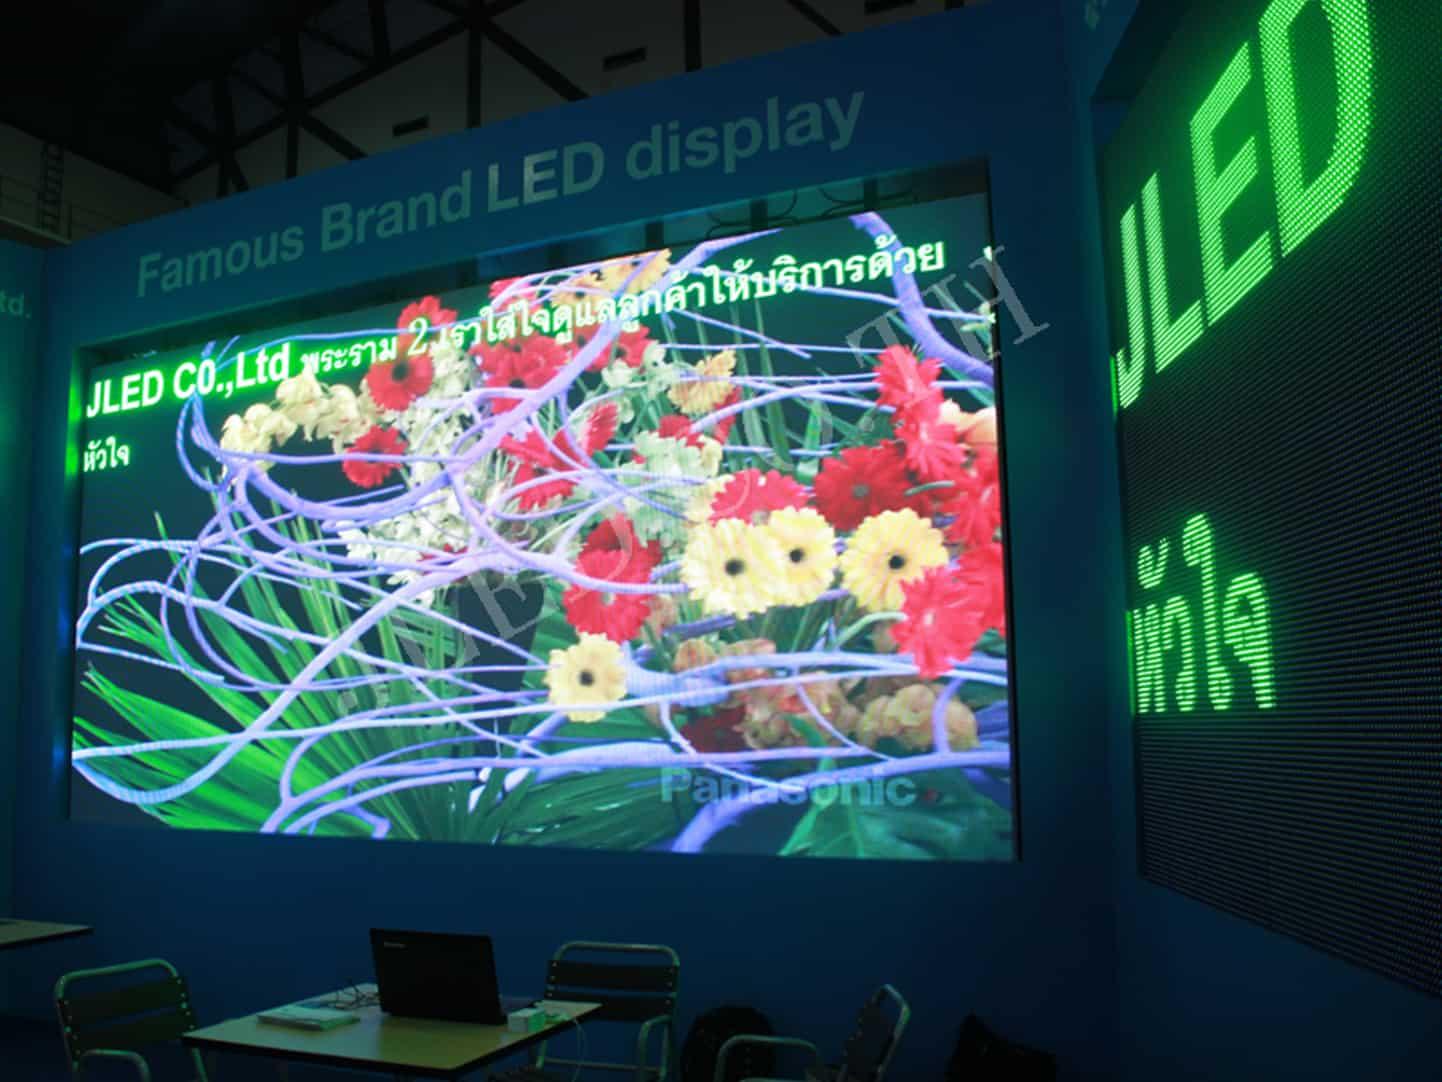 คุณจะสร้างหน้าจอ LED ขนาดยักษ์ได้อย่างไร jled